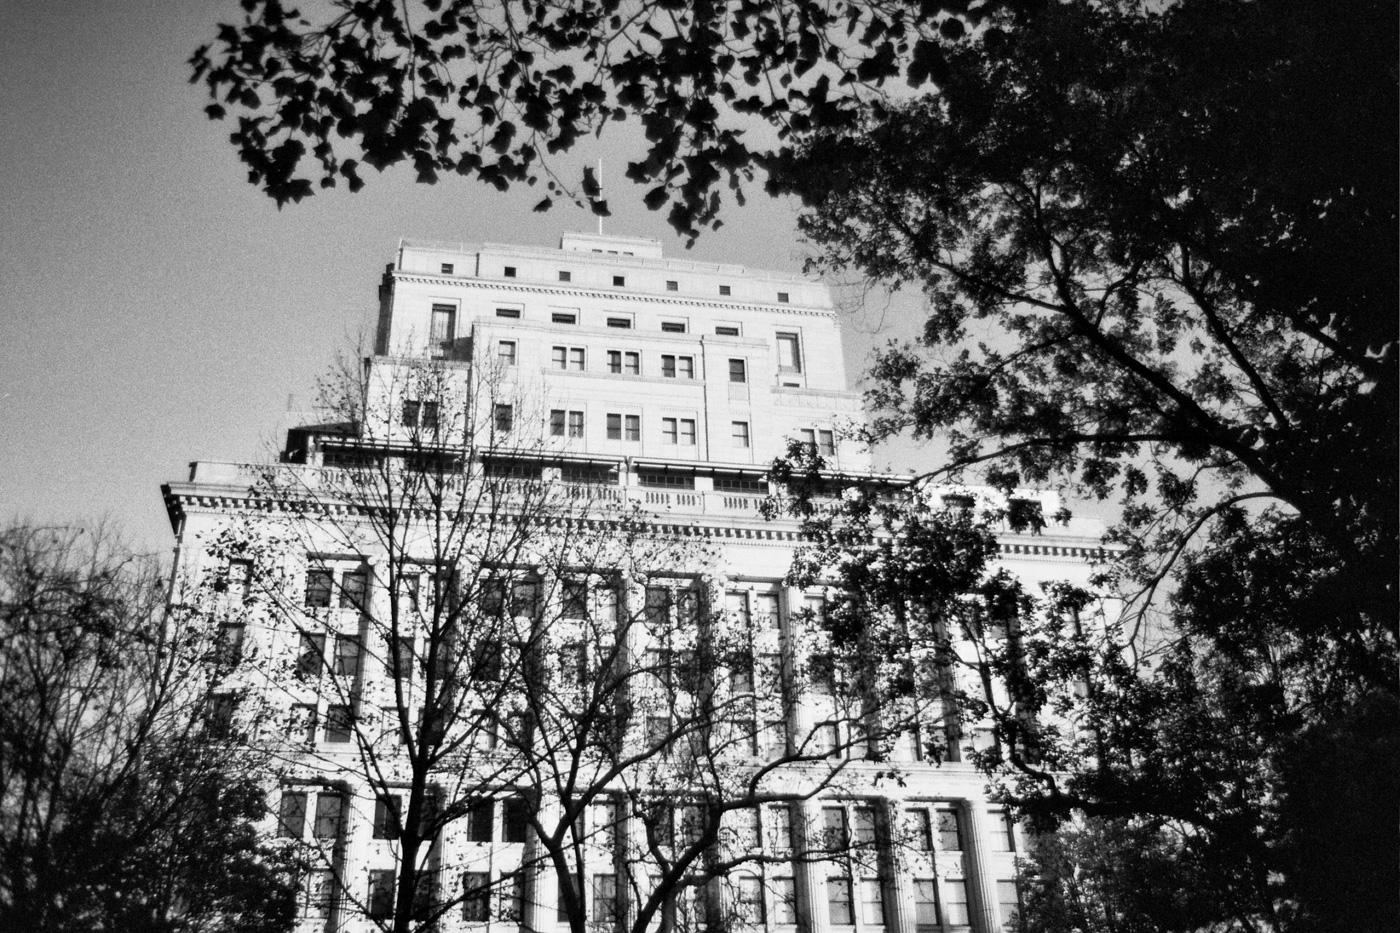 Superior Court Building